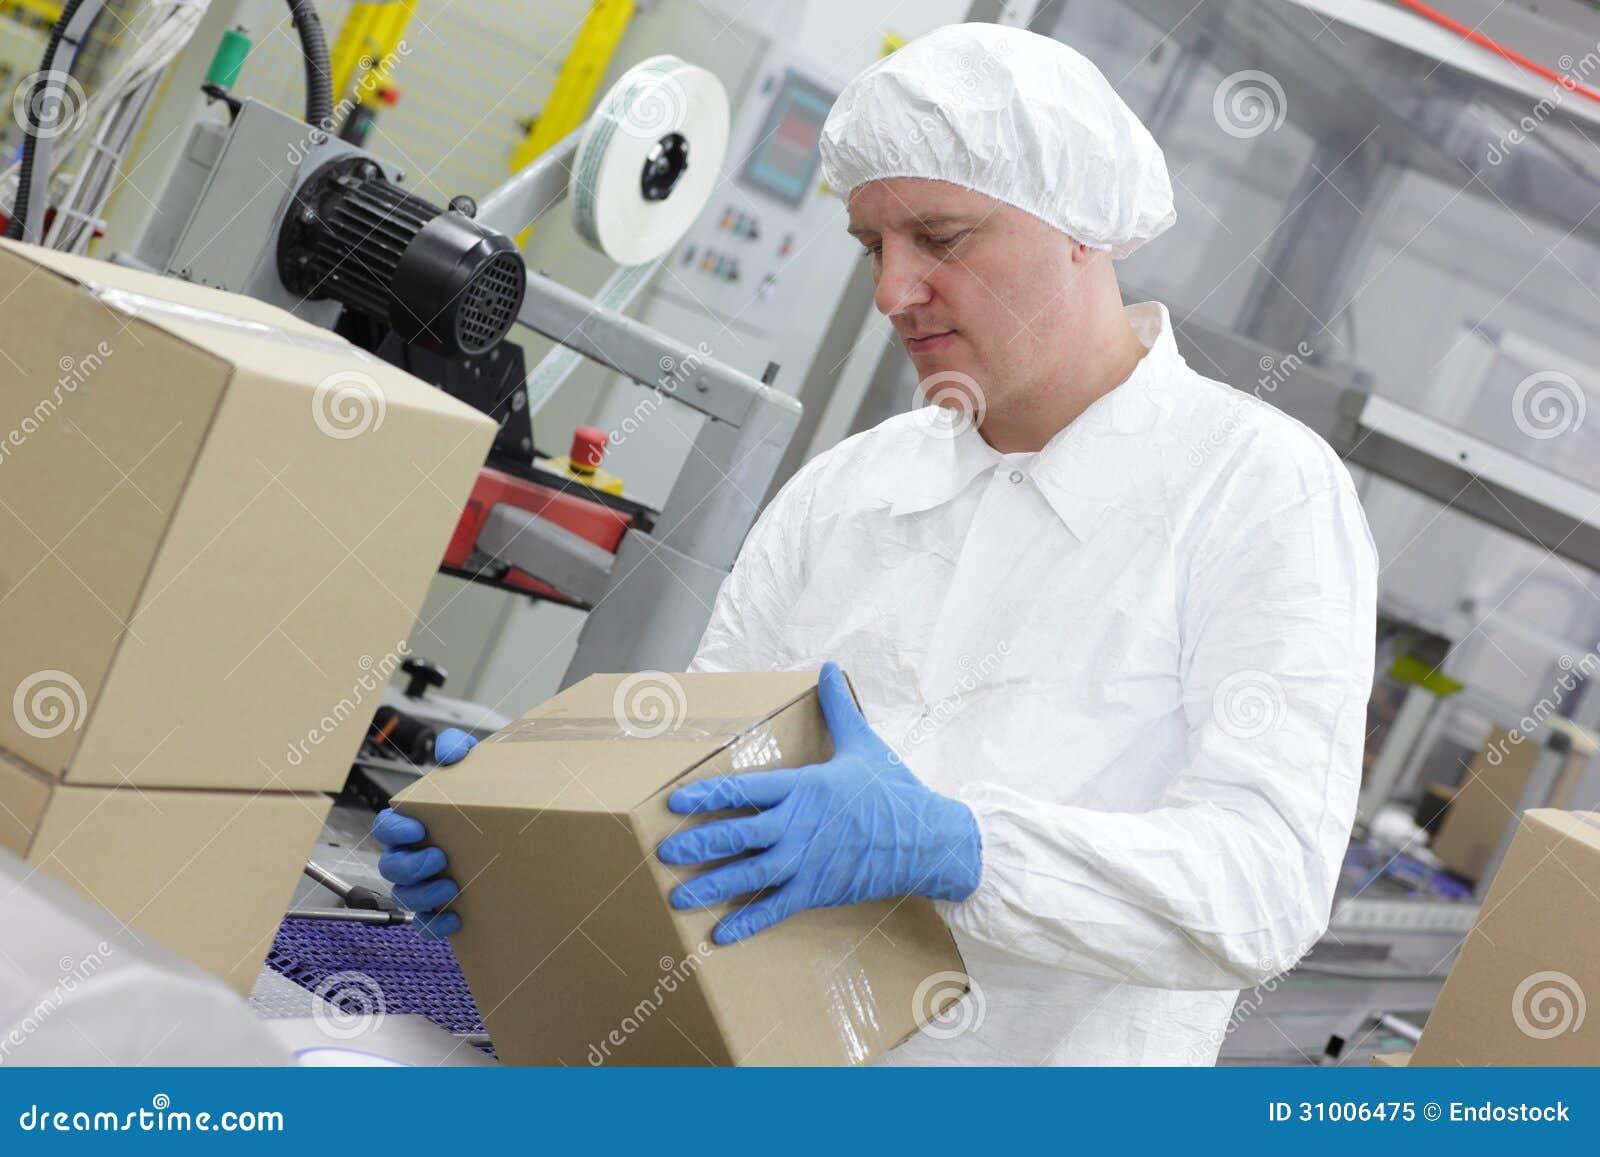 Travailleur manuel à la chaîne de production traitant des boîtes